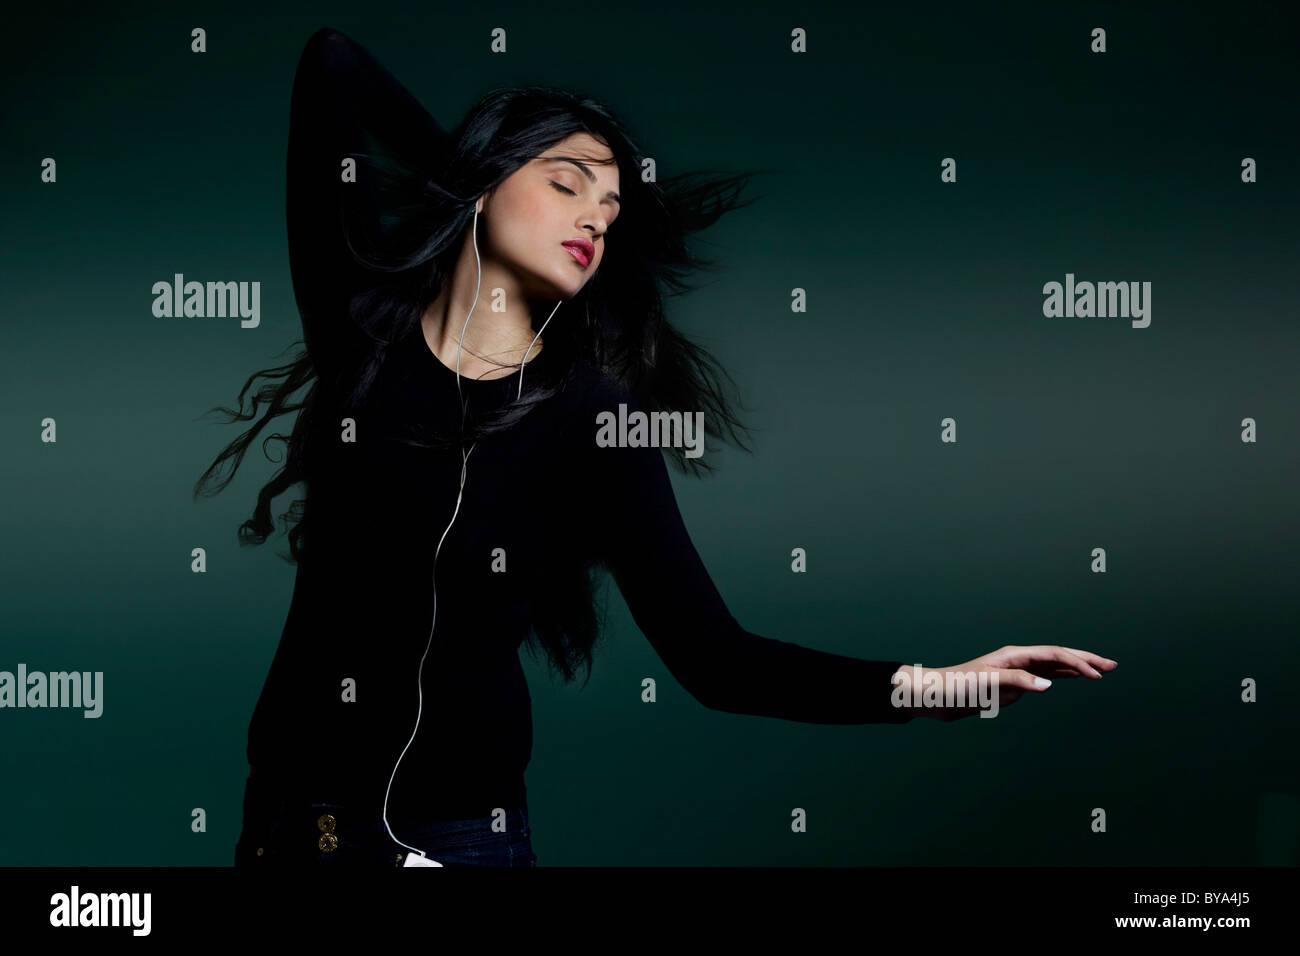 Chica escuchando música Imagen De Stock